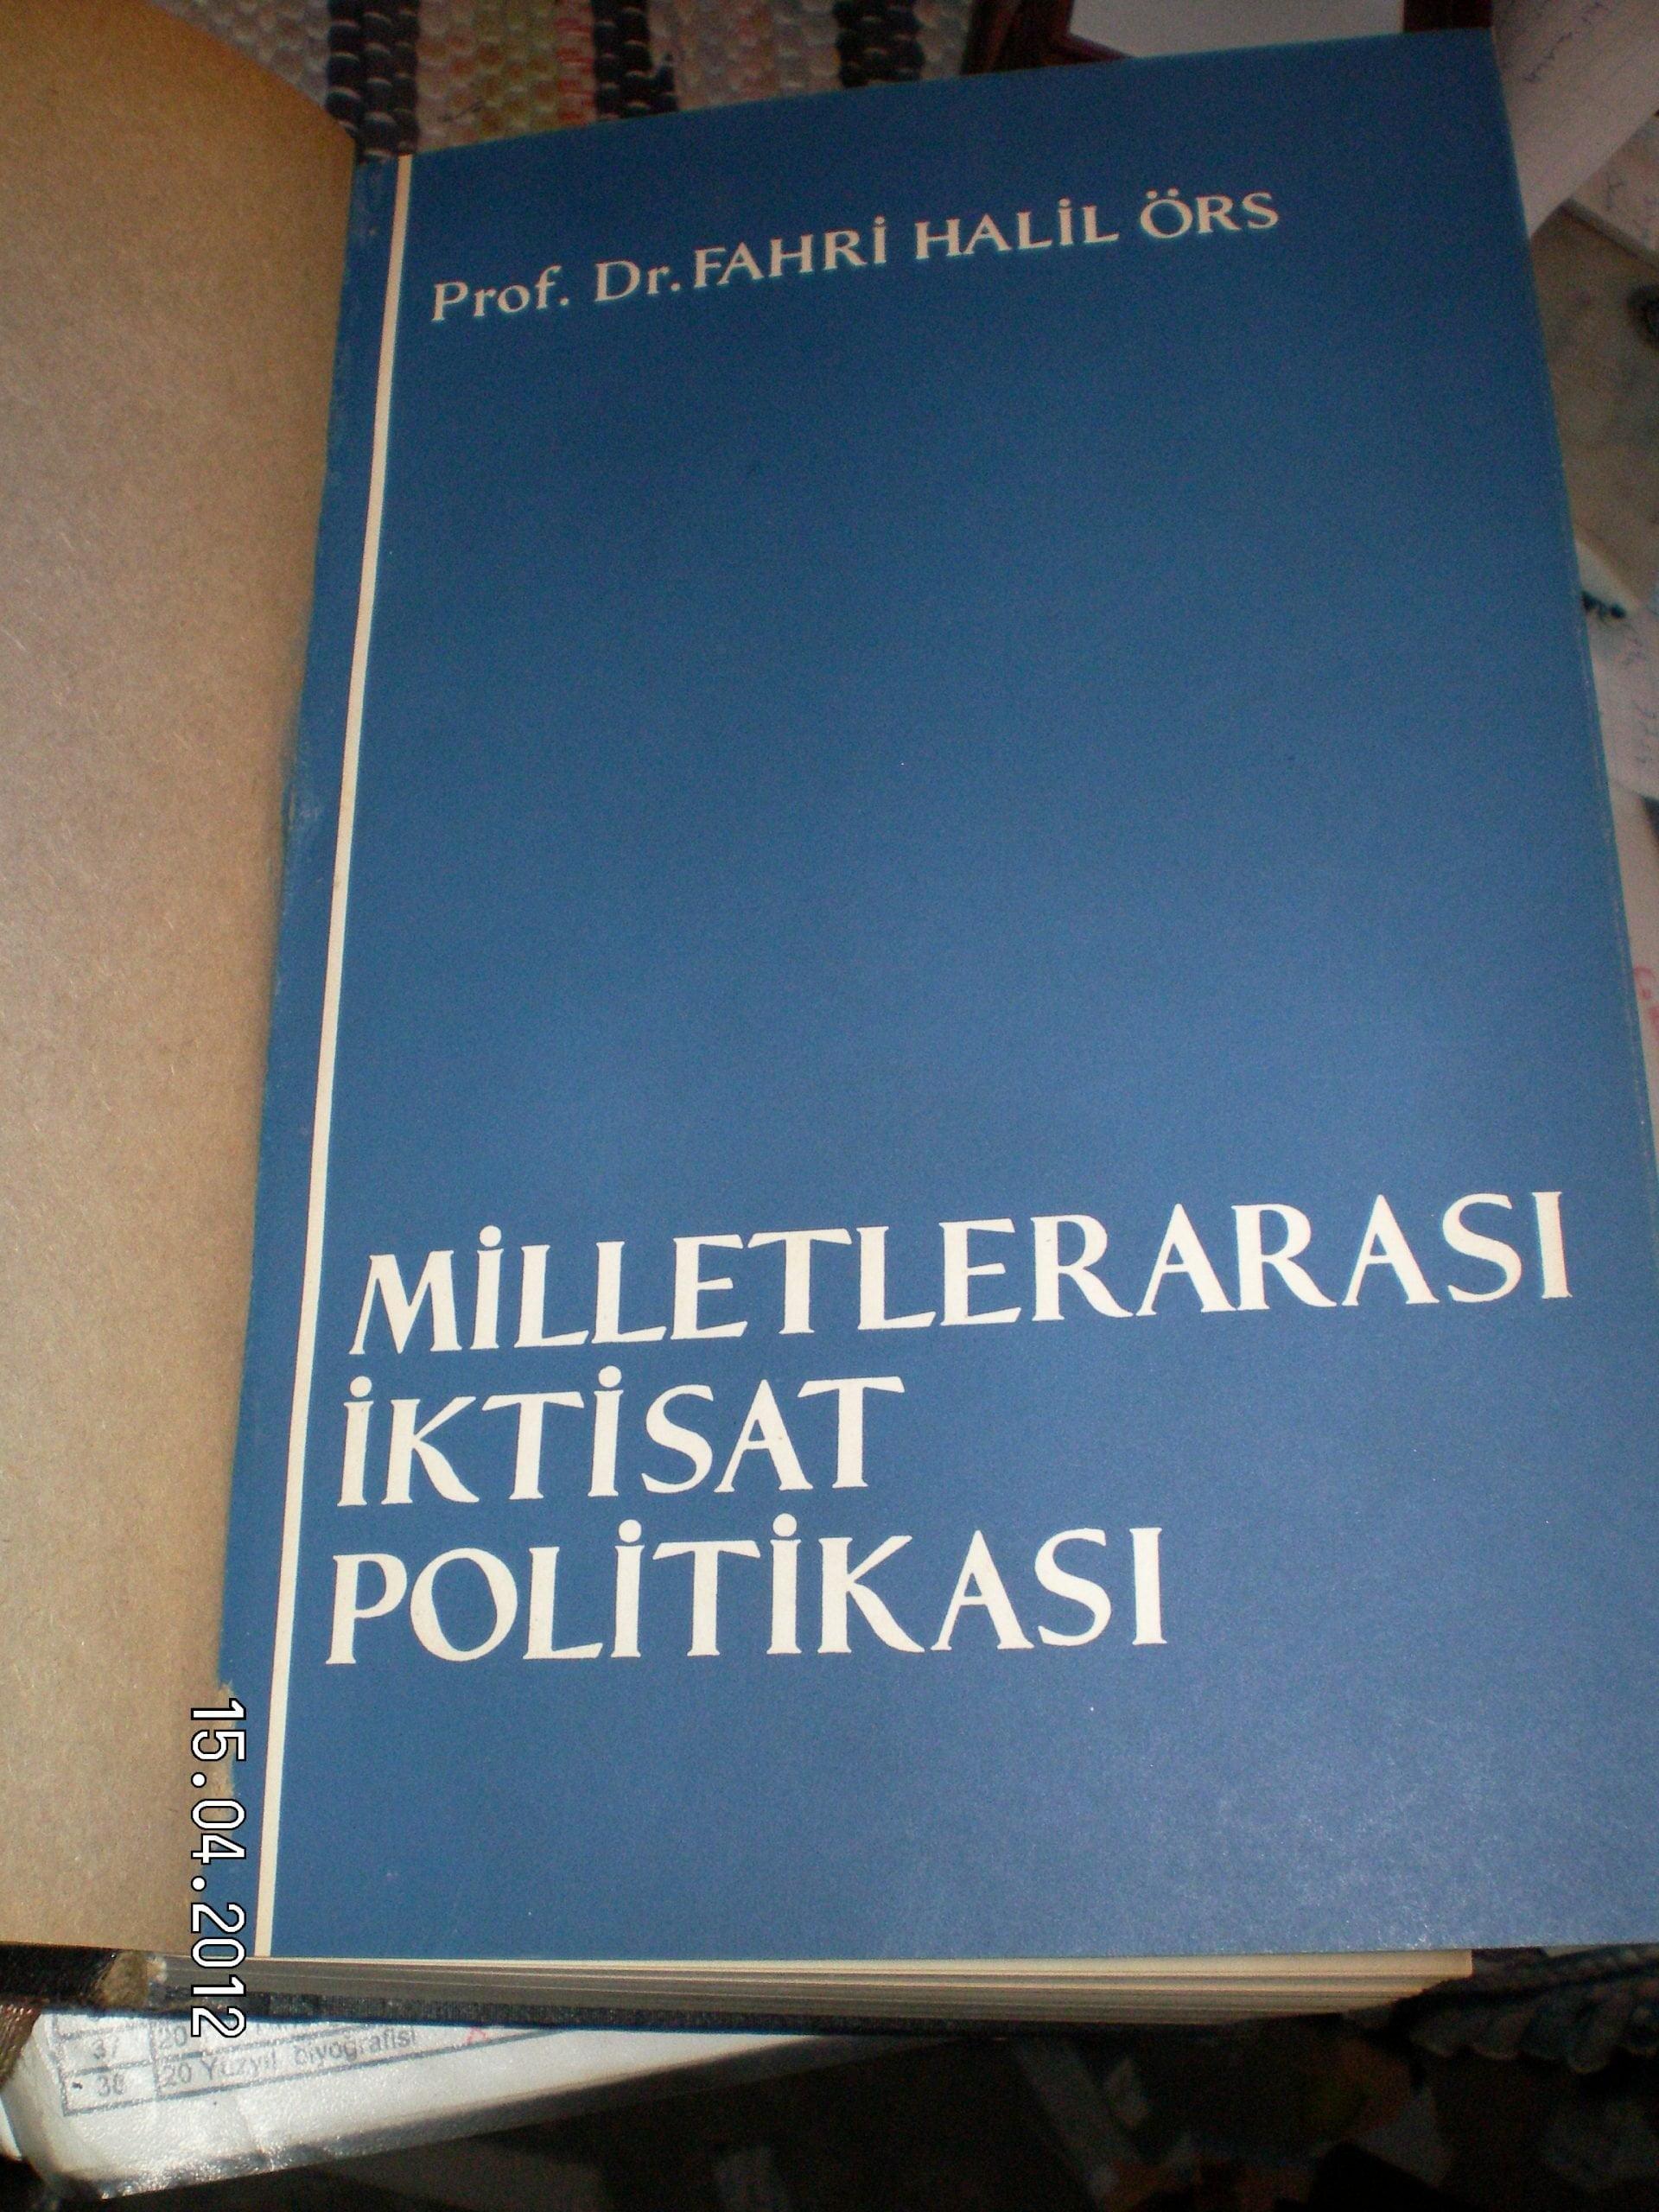 MİLLETLERARASI İKTİSAT POLİTİKASI-1-/Prof.Dr.Fahri Halil ÖRS/100 TL